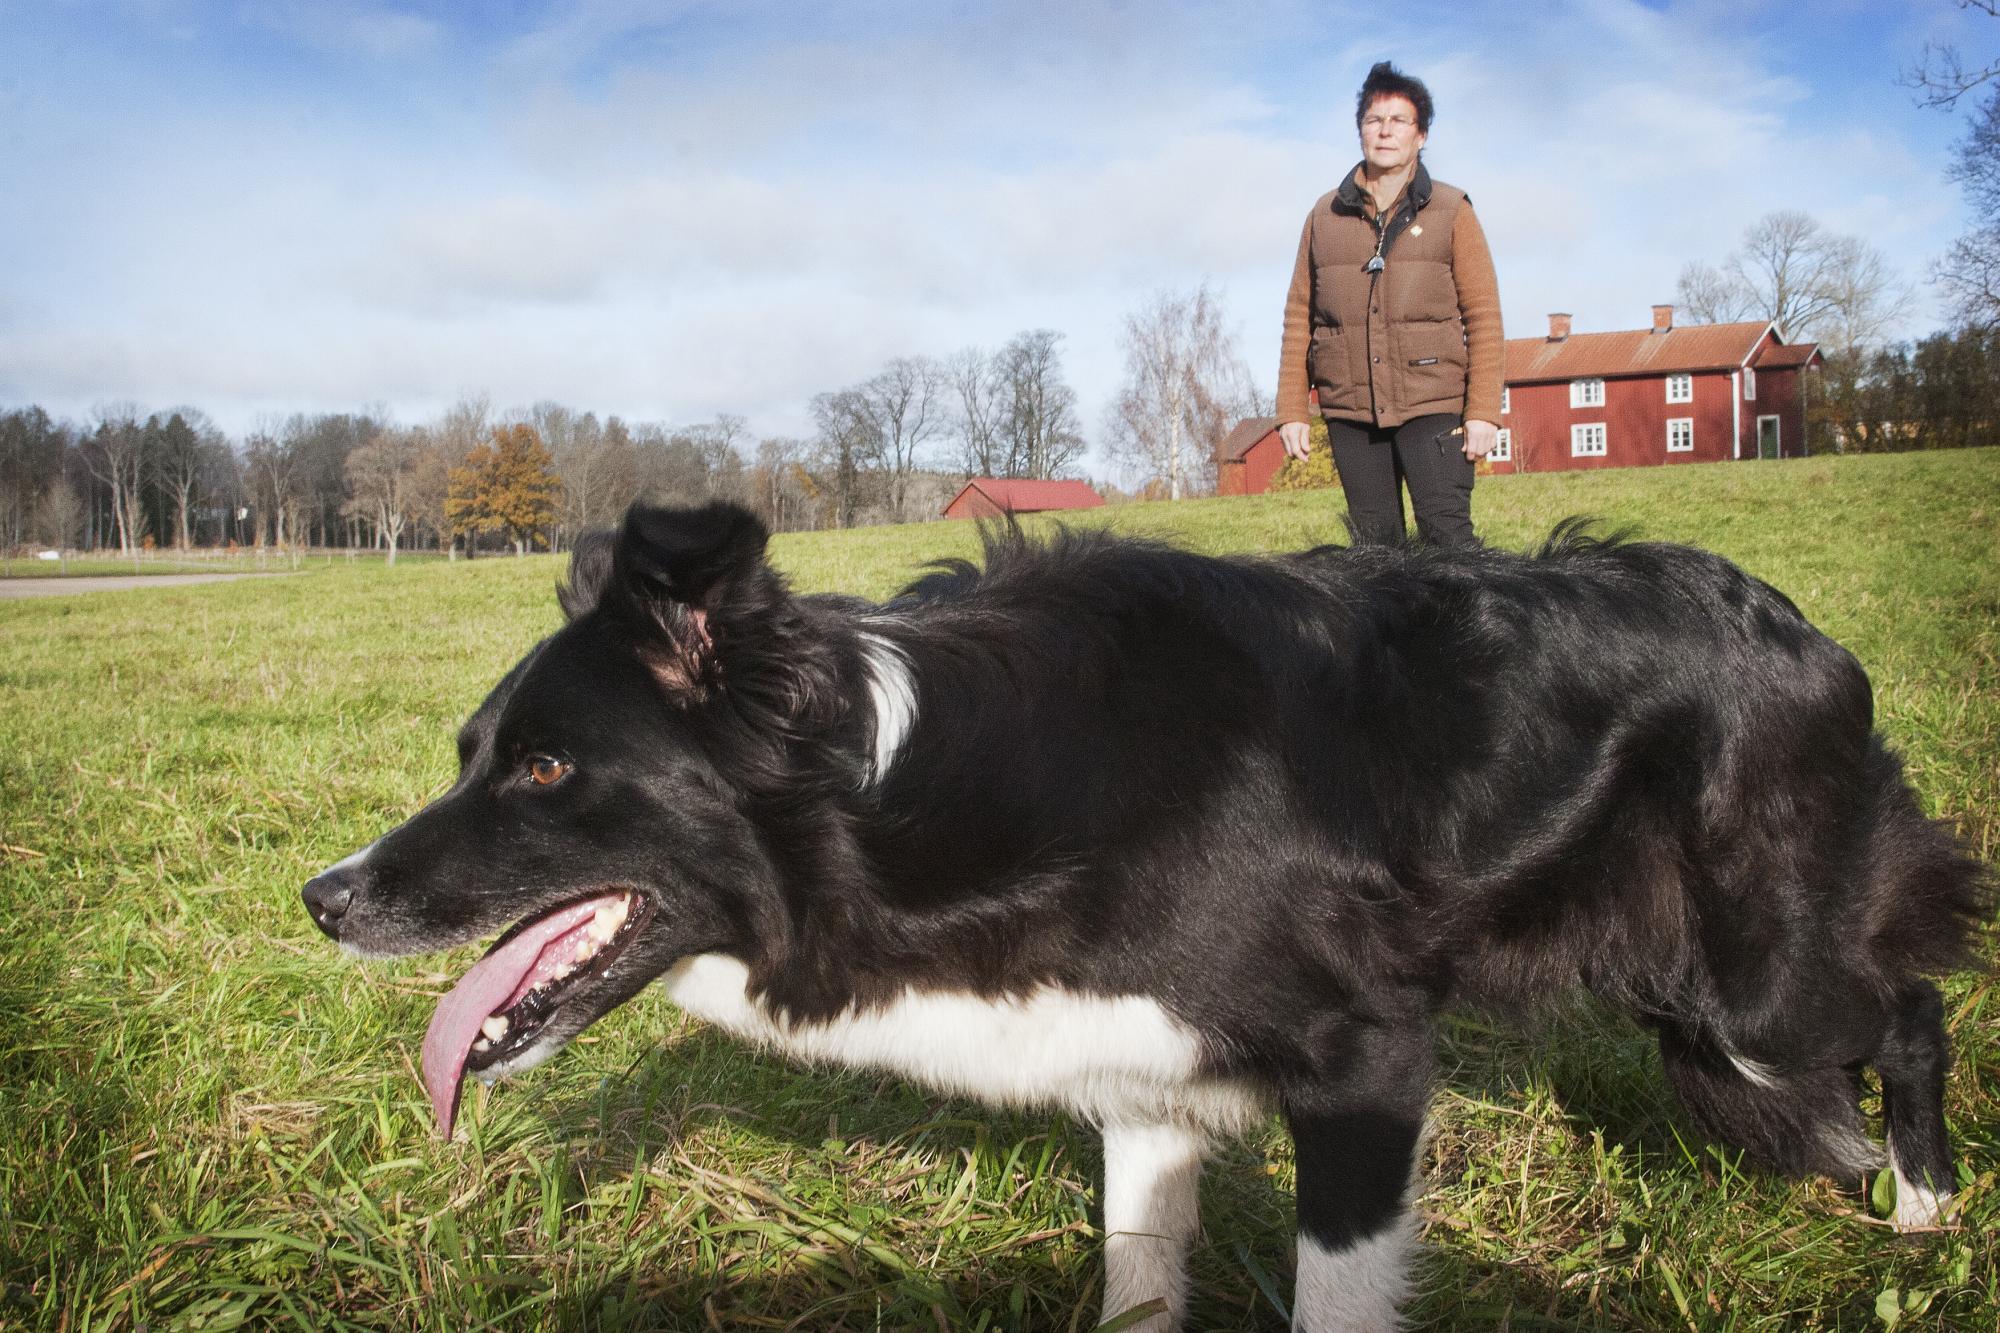 Många förare till hundar som tränat och tävlat lydnad blir förskräckta när de ska valla och lydnaden är som bortblåst.